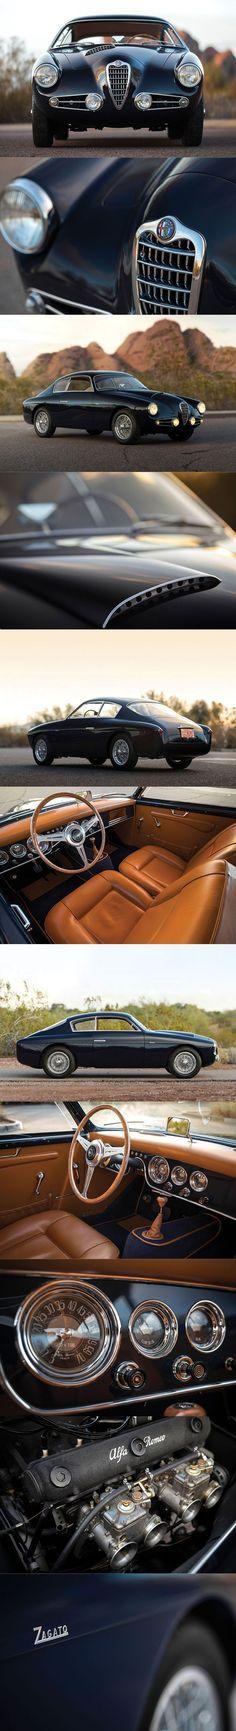 1955 Alfa Romeo 1900 C SS Berlinetta / Zagato / s/n 01909 / RM Sotheby's / Italy / black / 17-380 #automotive #autmomotivo #carror #carros #car